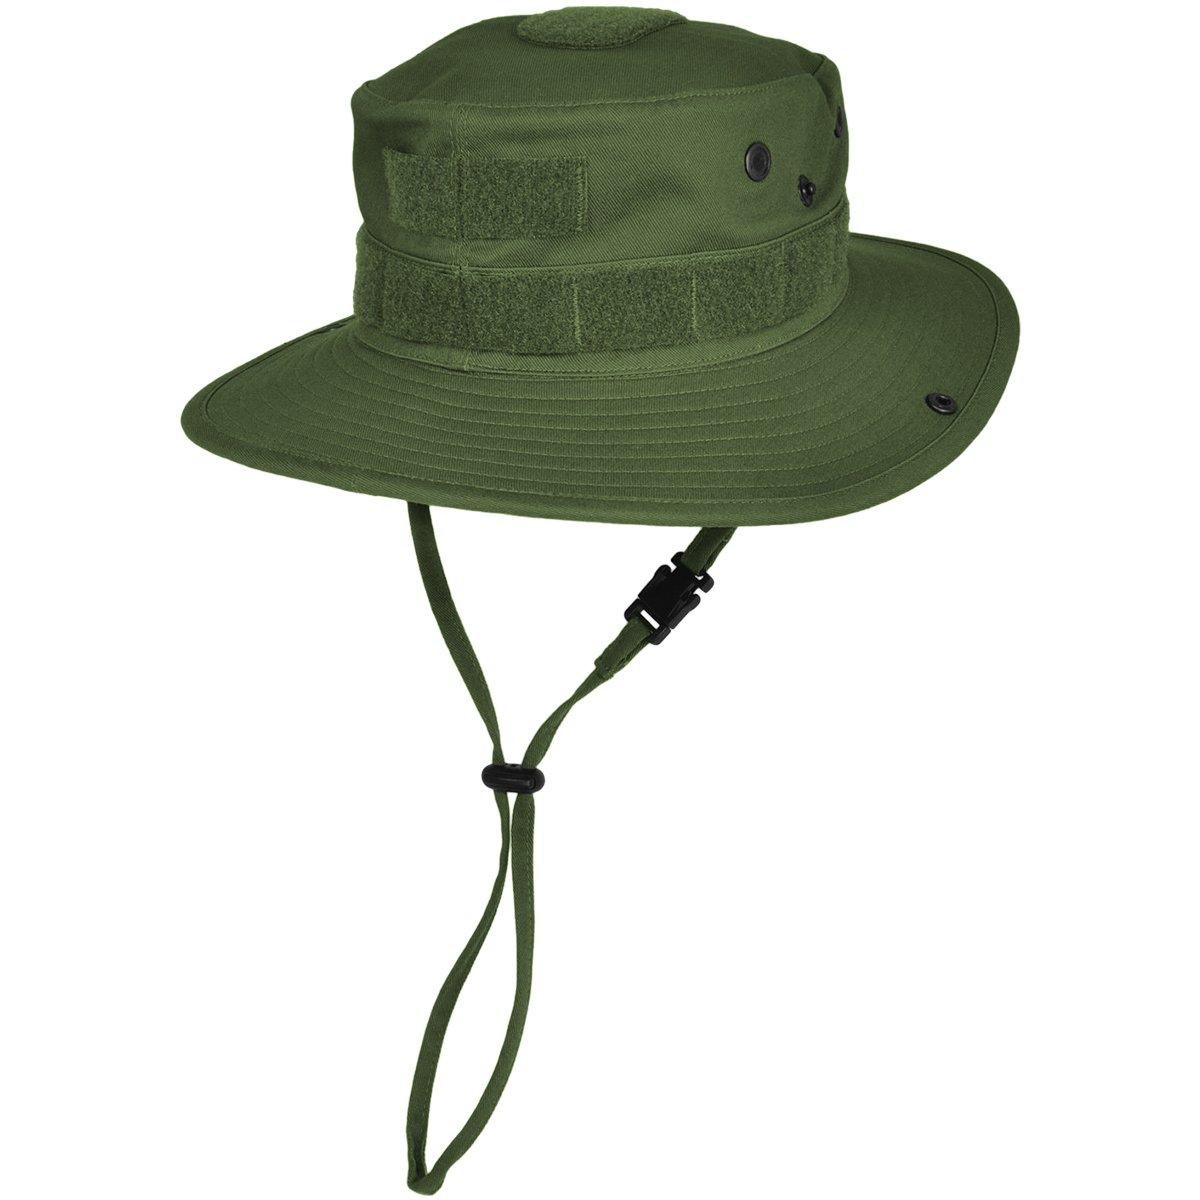 HAZARD 4 SunTac Cotton Boonie Hat with Molle, OD Green, Regular by HAZARD 4